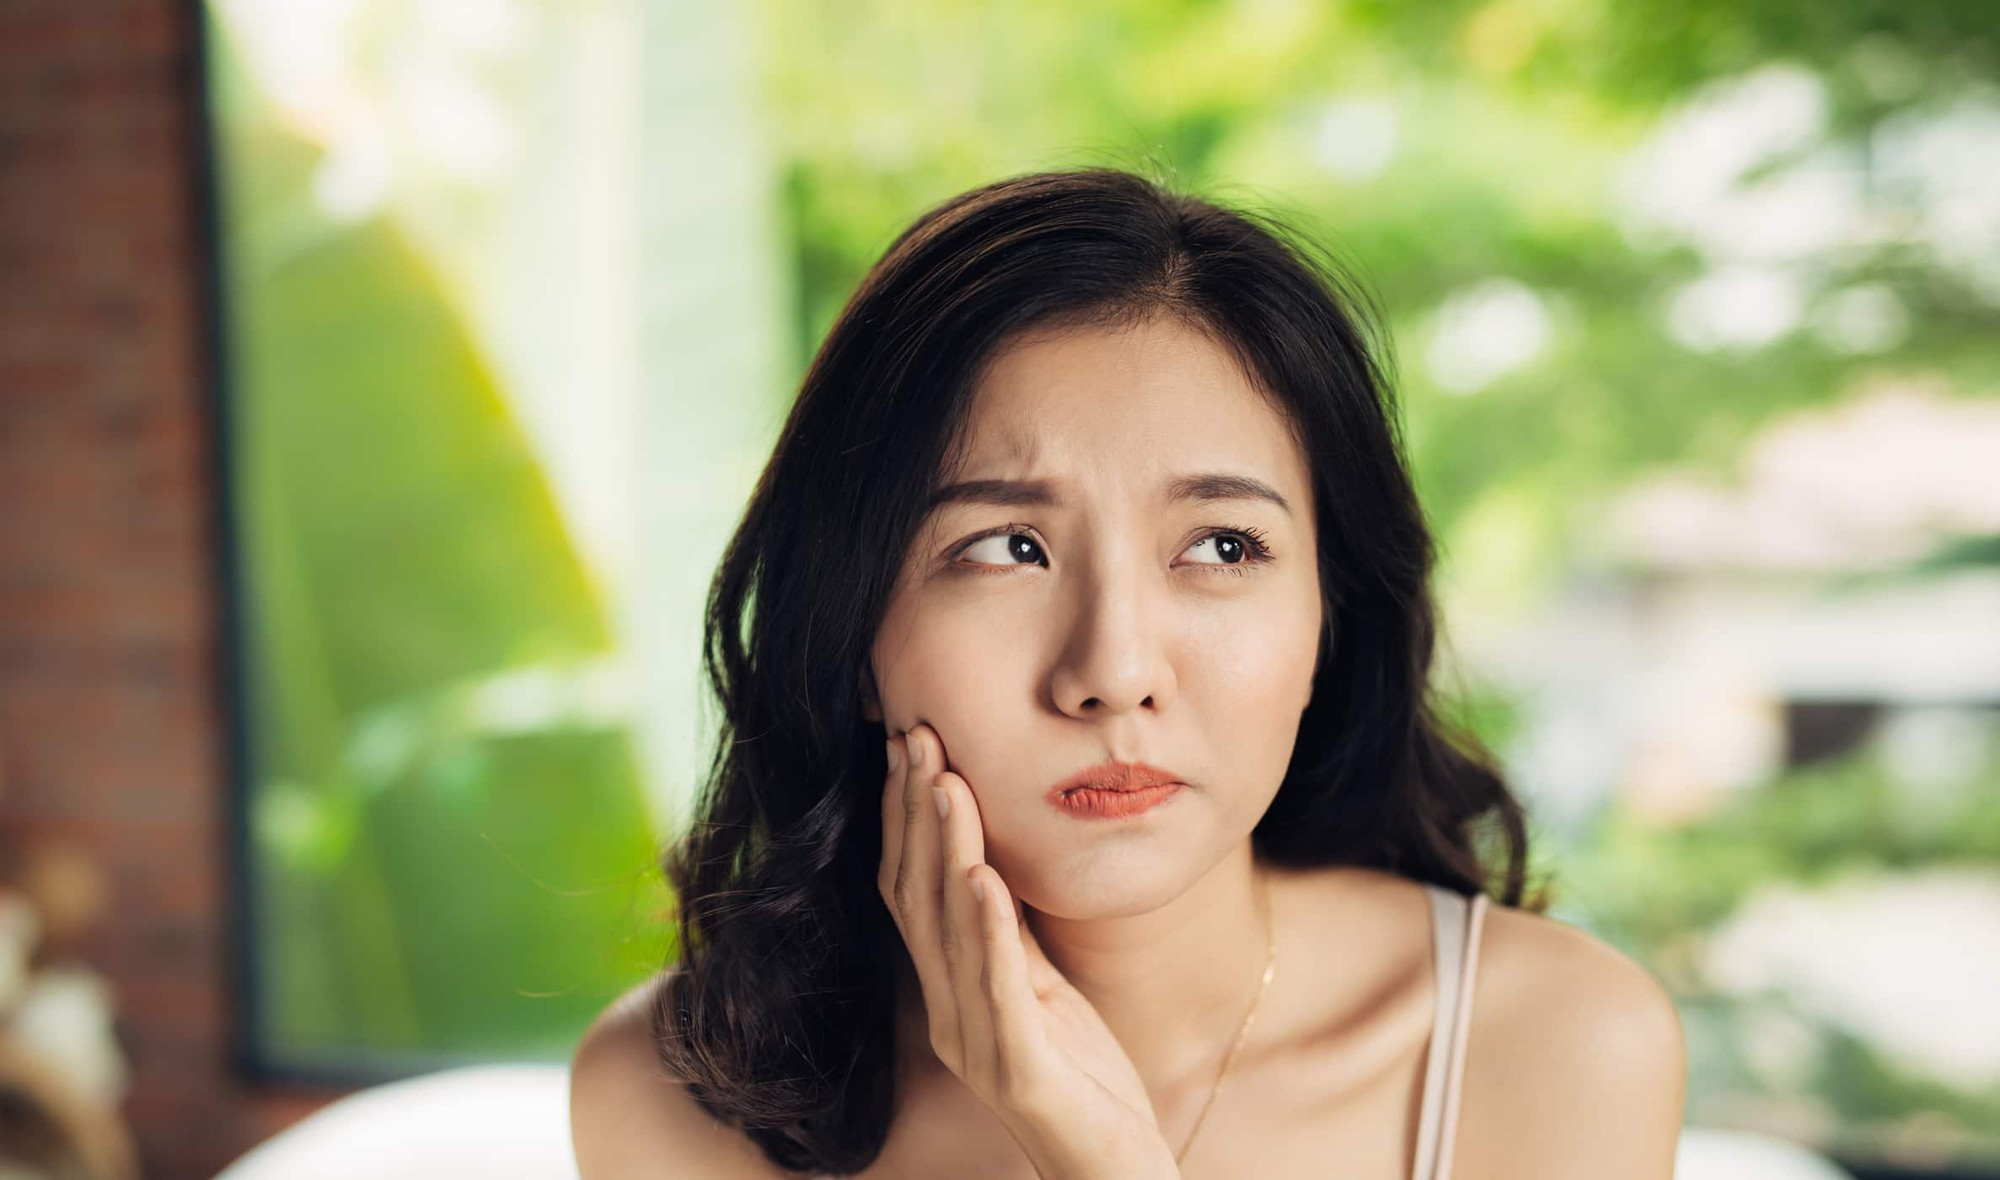 Thường xuyên bị ù tai có thể là dấu hiệu cảnh báo một số vấn đề sức khỏe sau - Ảnh 3.